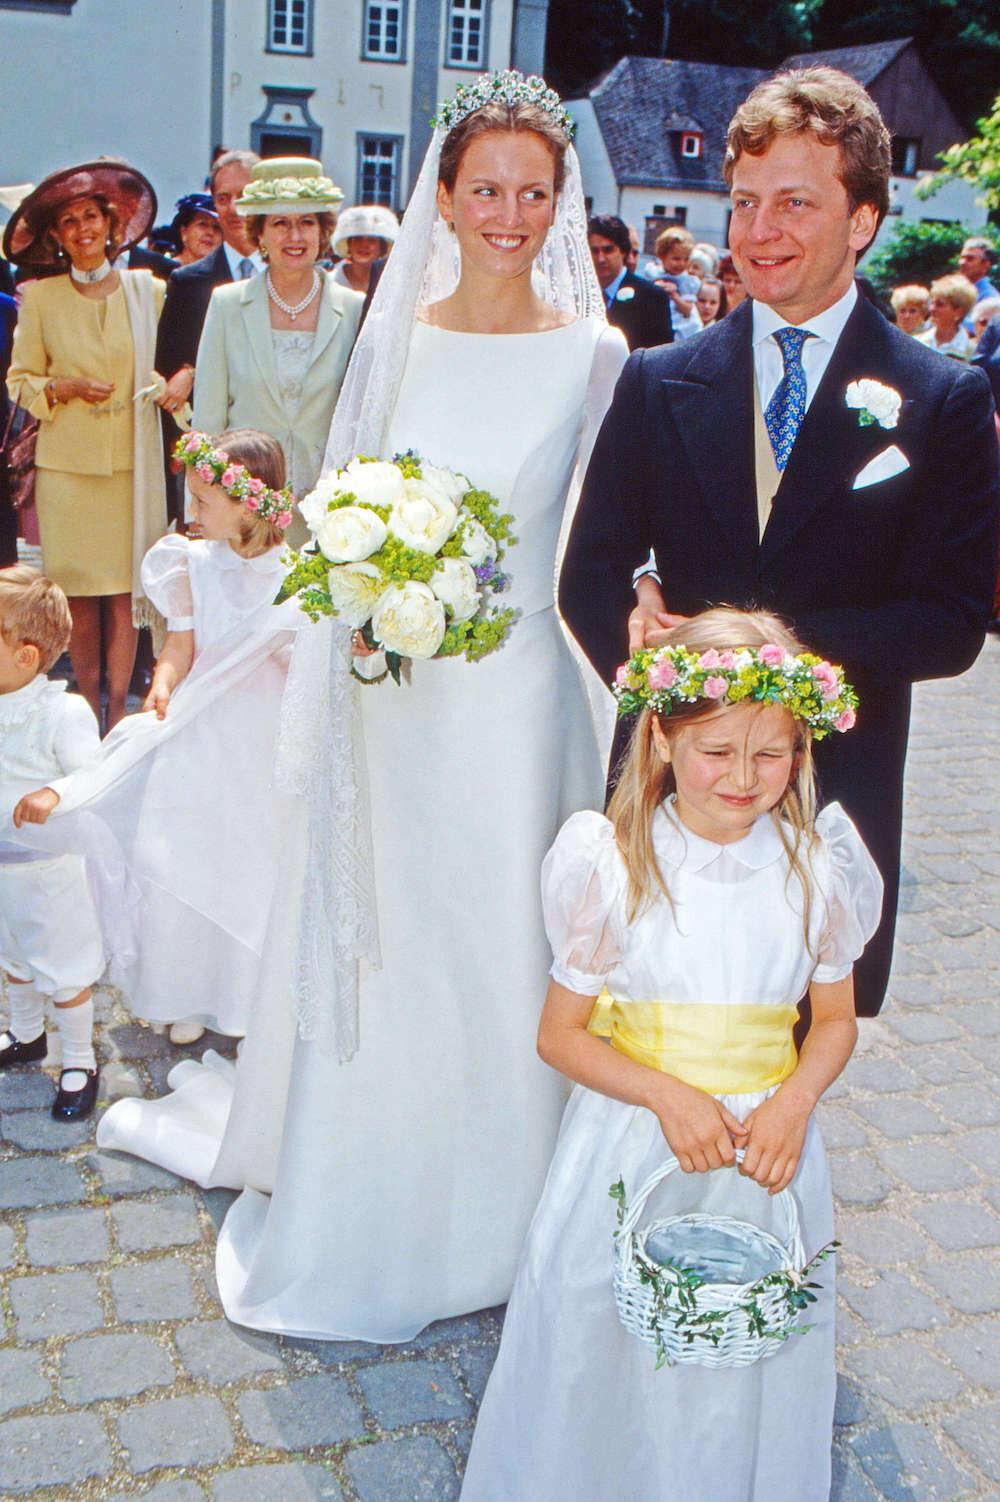 Prinzessin Filippa war überglücklich, als sie ihren Traummann Vittorio Mazzetti d'Albertis heiratete. Doch kurze Zeit später starb sie bei einem tragischen Autounfall. © picture alliance/United Archives